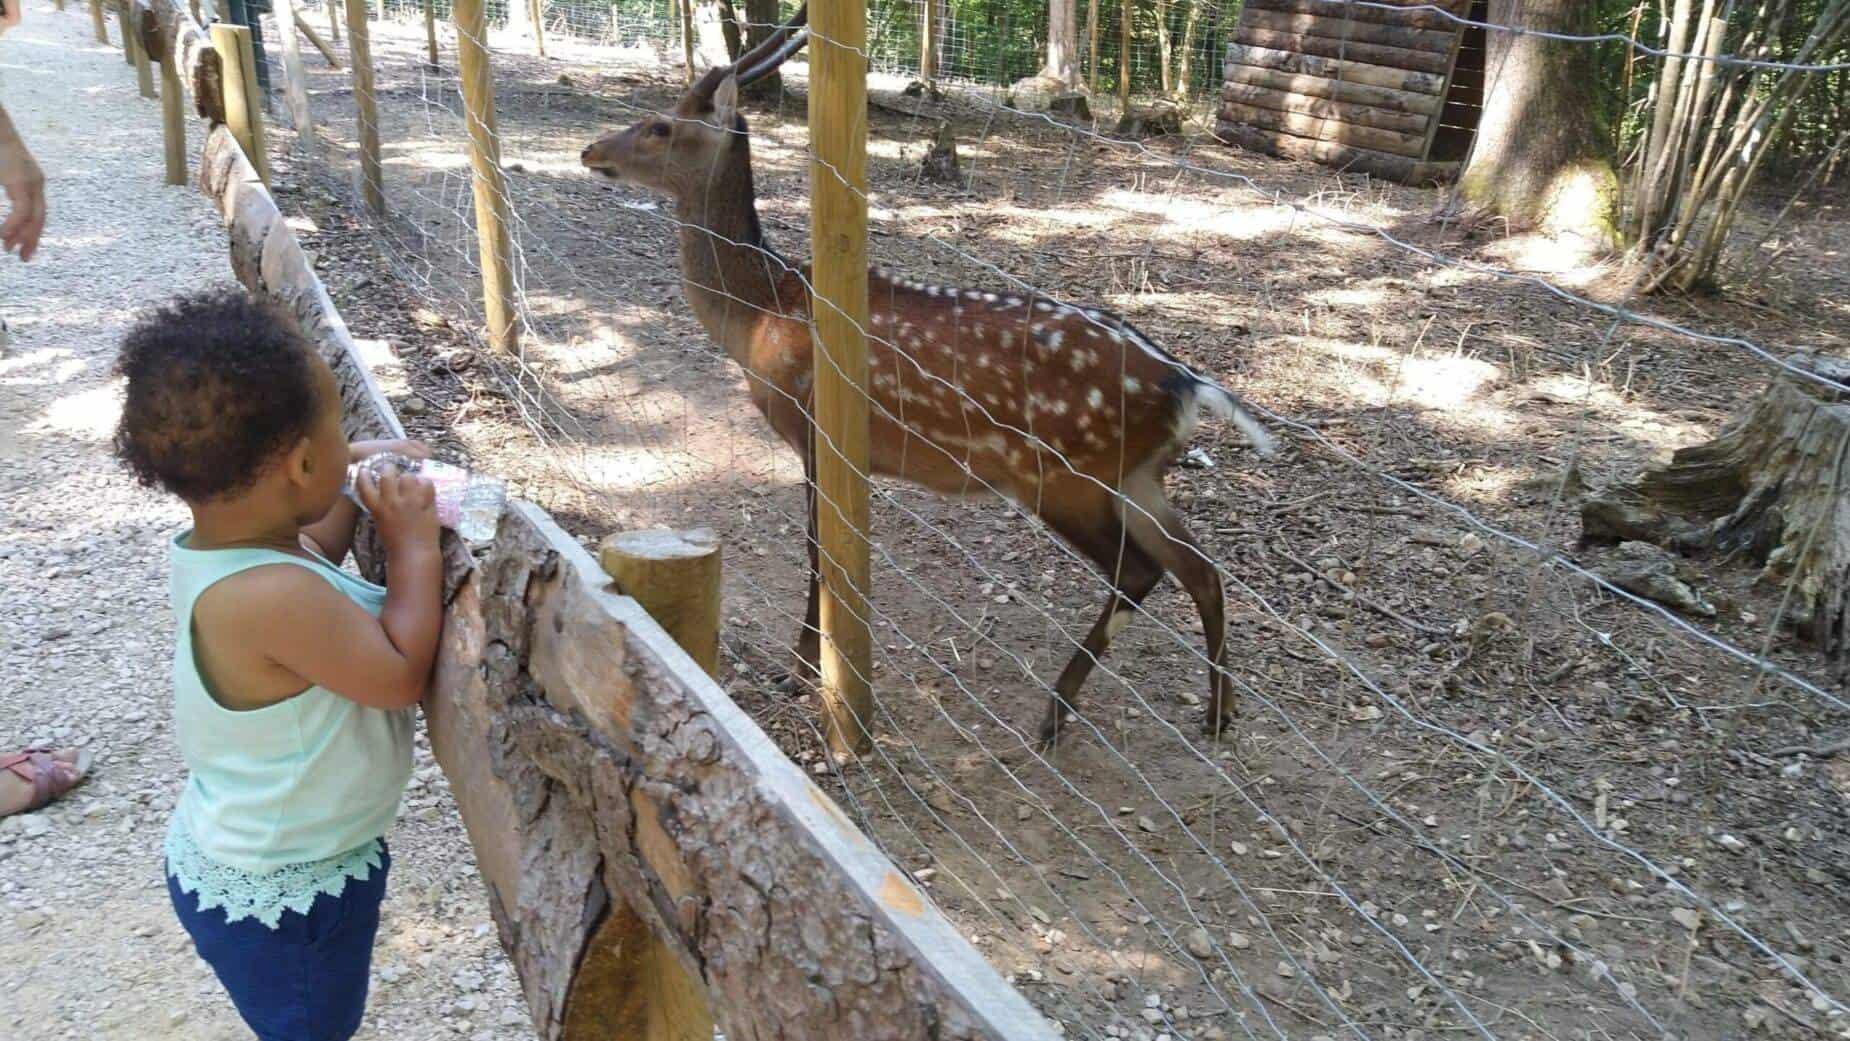 Toerisme Ariège Kinderen Pret Ferme du Paradis